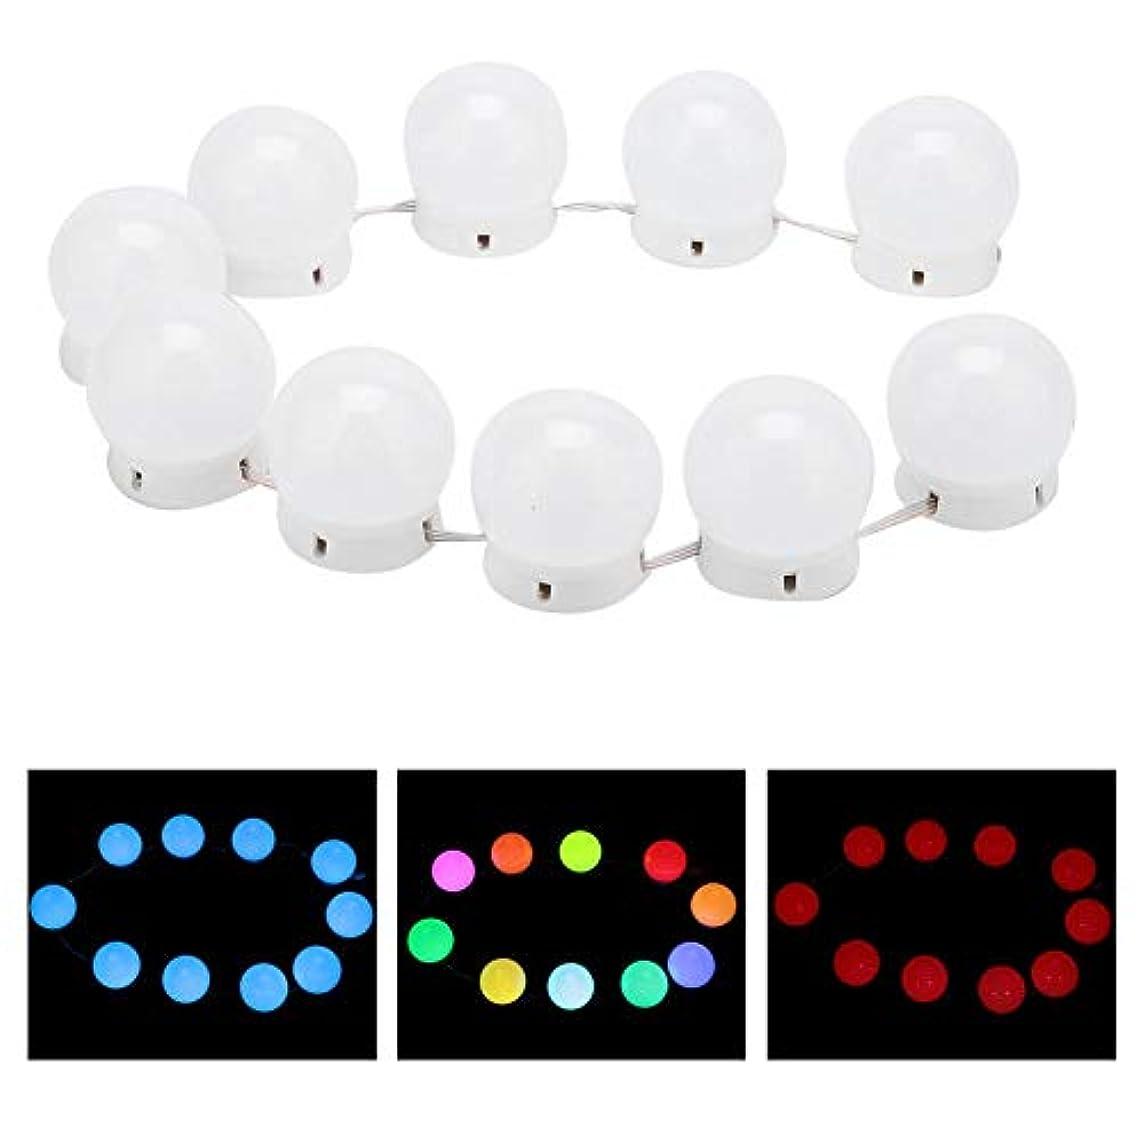 原始的なフロンティア海港化粧鏡ラ??イトキット 10 LED付き調 光ライトストリング電球バニティライト化粧鏡に最適 バスルームの照明